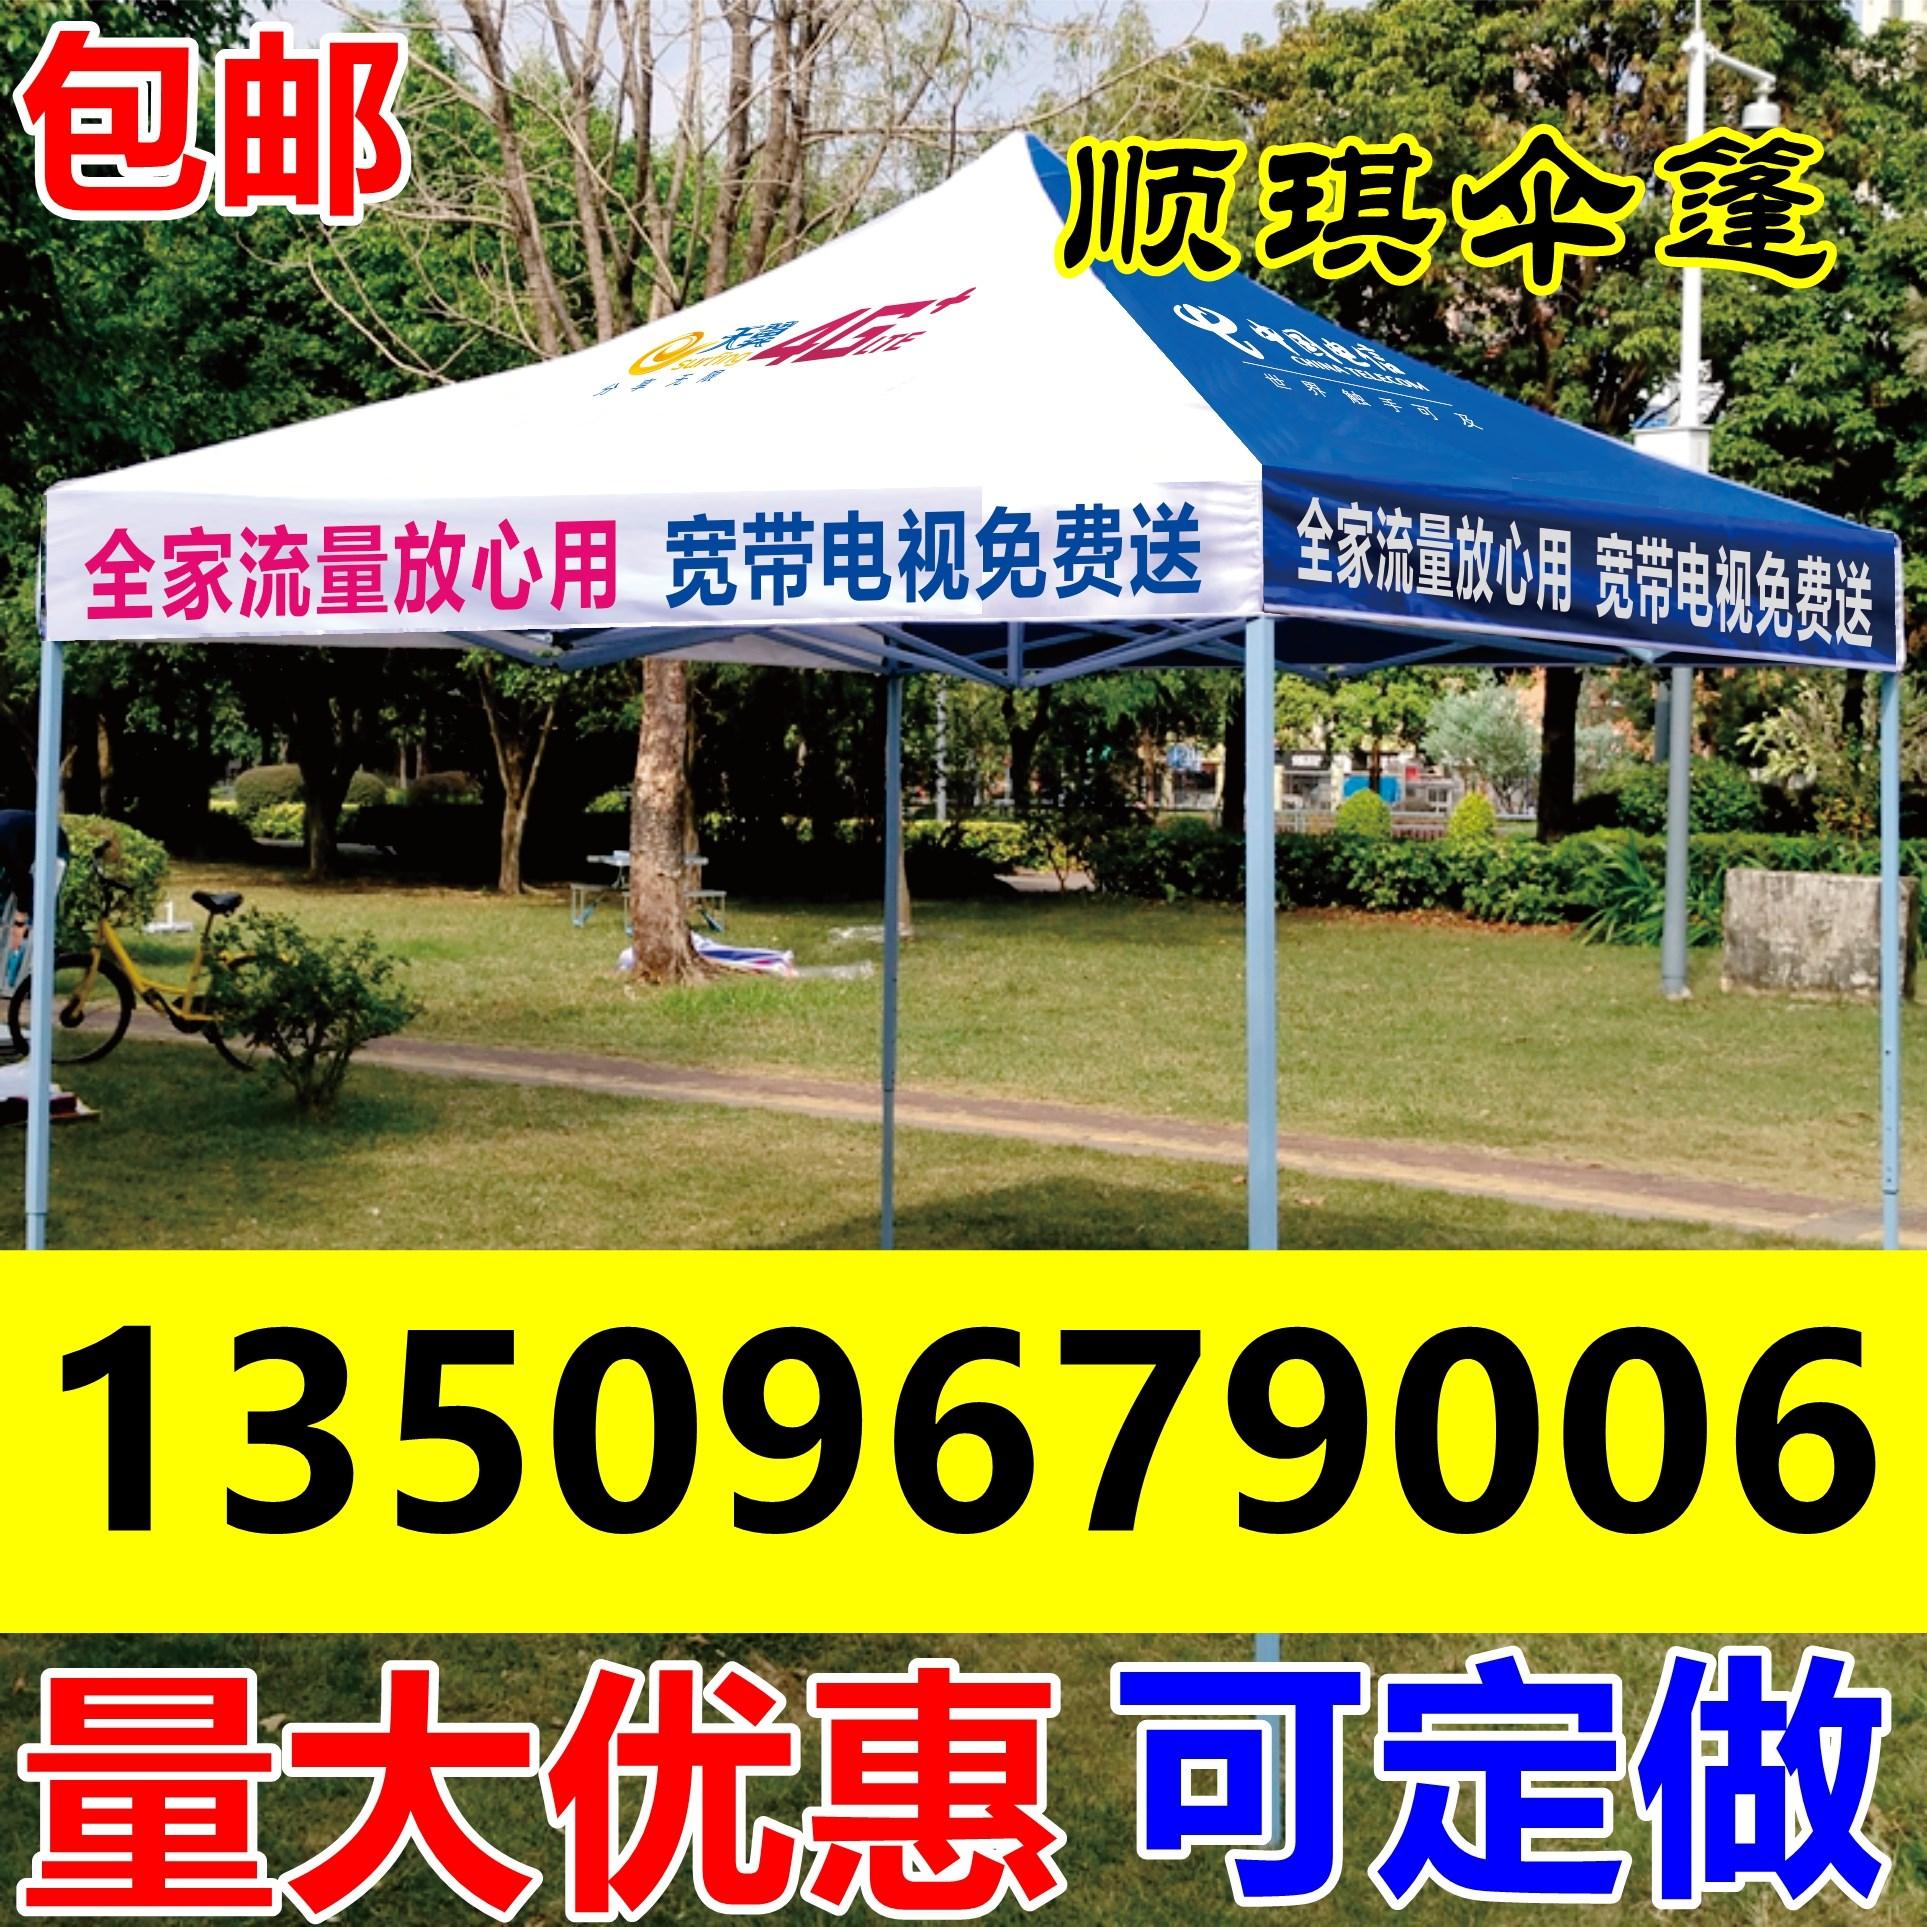 中国电信定制广告帐篷电信宣传活动帐篷电信户外印刷印字四脚帐蓬